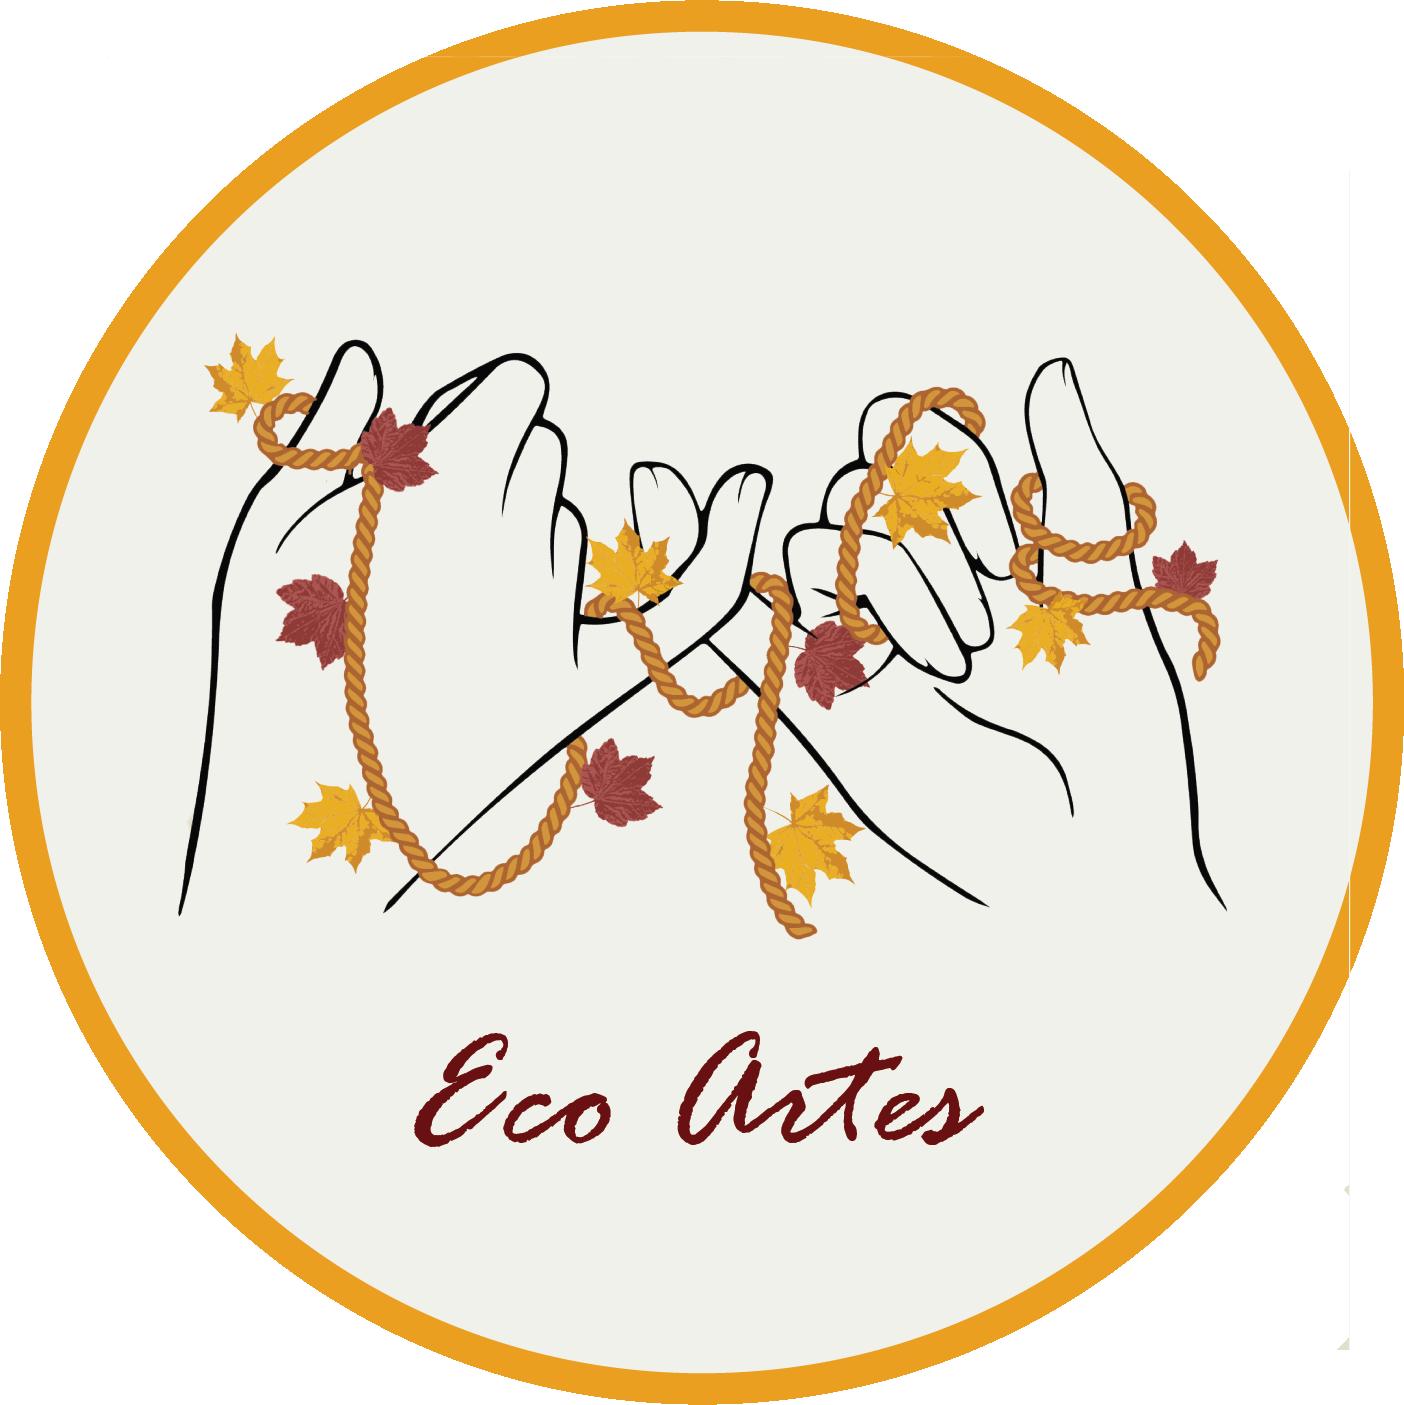 Eco Artes